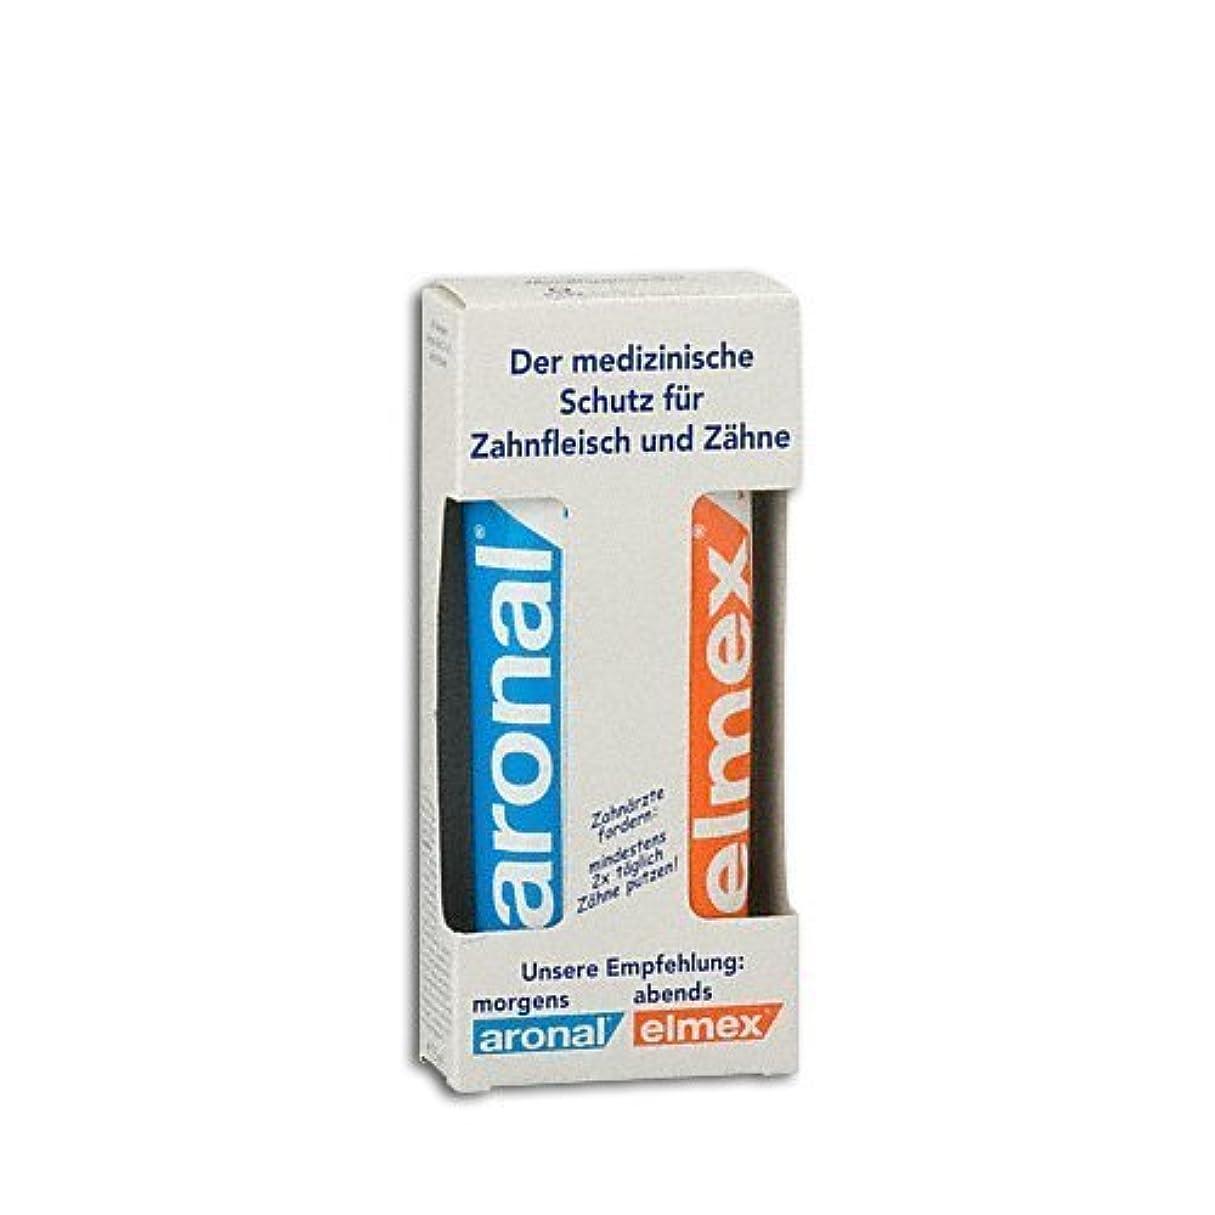 起こる時間大声でアロナール&エルメックス 歯磨き粉セット(朝/夜) 75ml (aronal & elmex toothpaste set 75ml) 【並行輸入品】